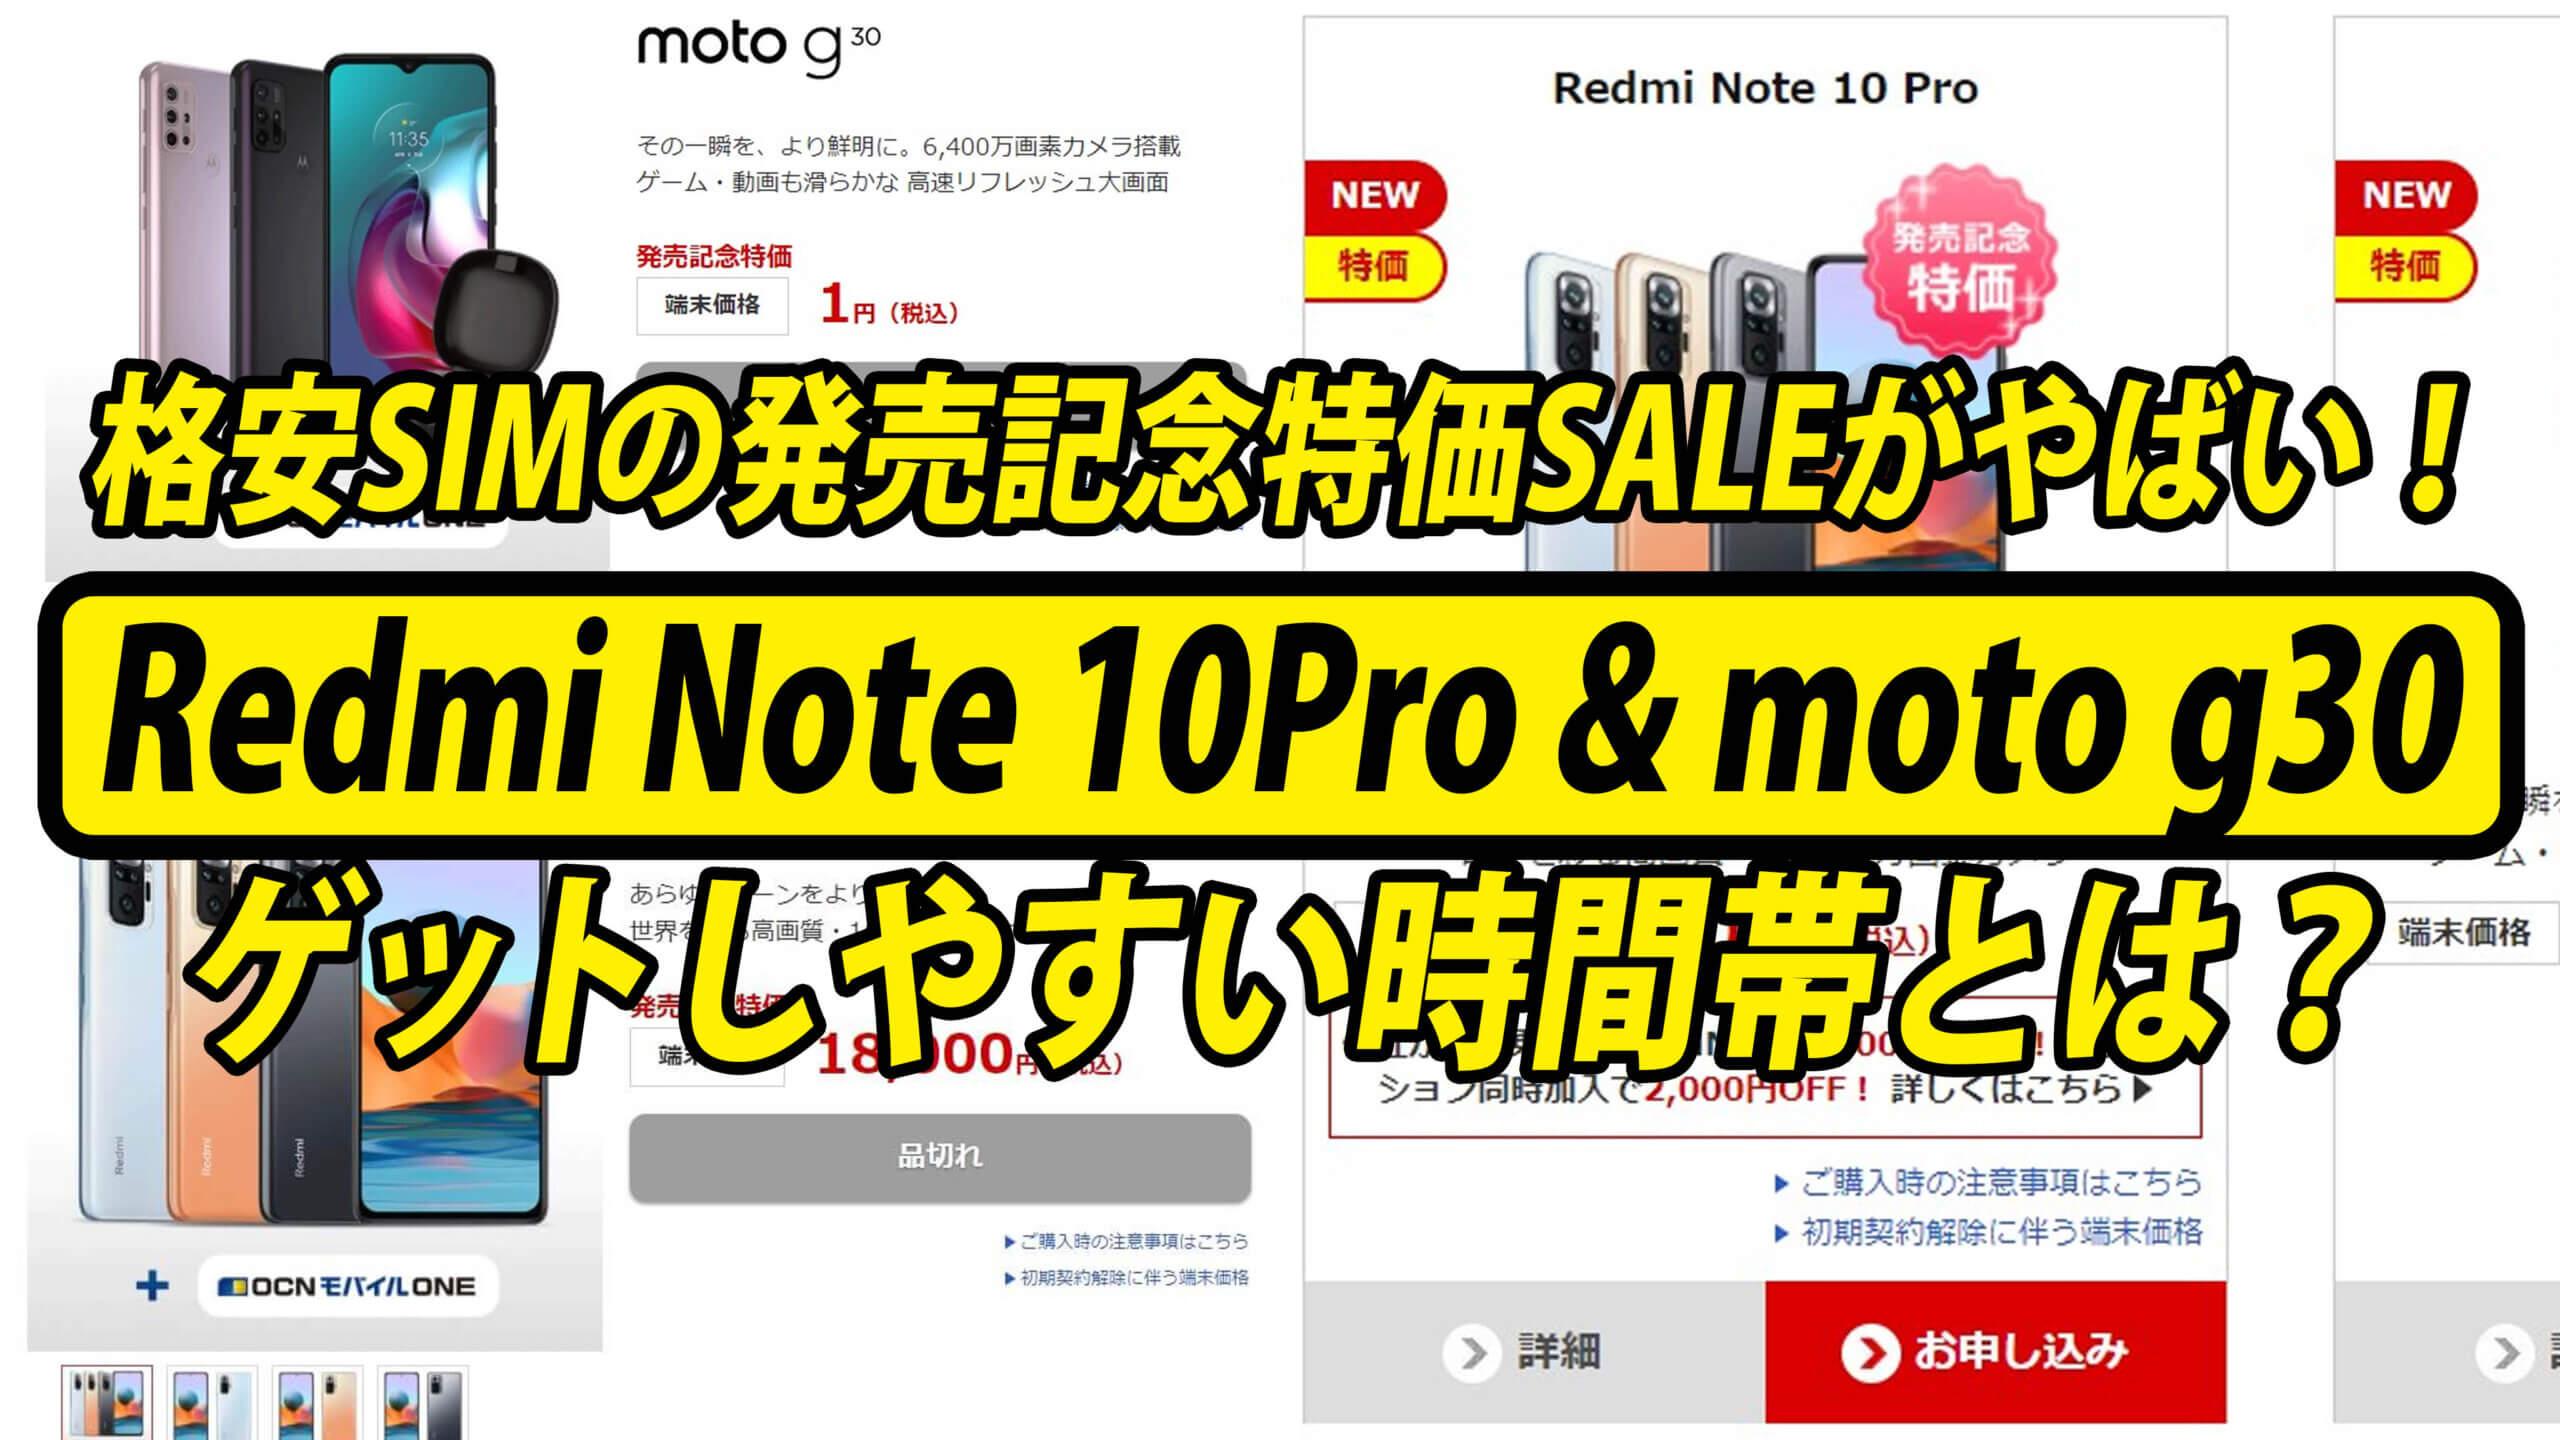 OCNモバイルONEでRedmi Note 10 Proとmoto g30をゲットしやすい時間帯